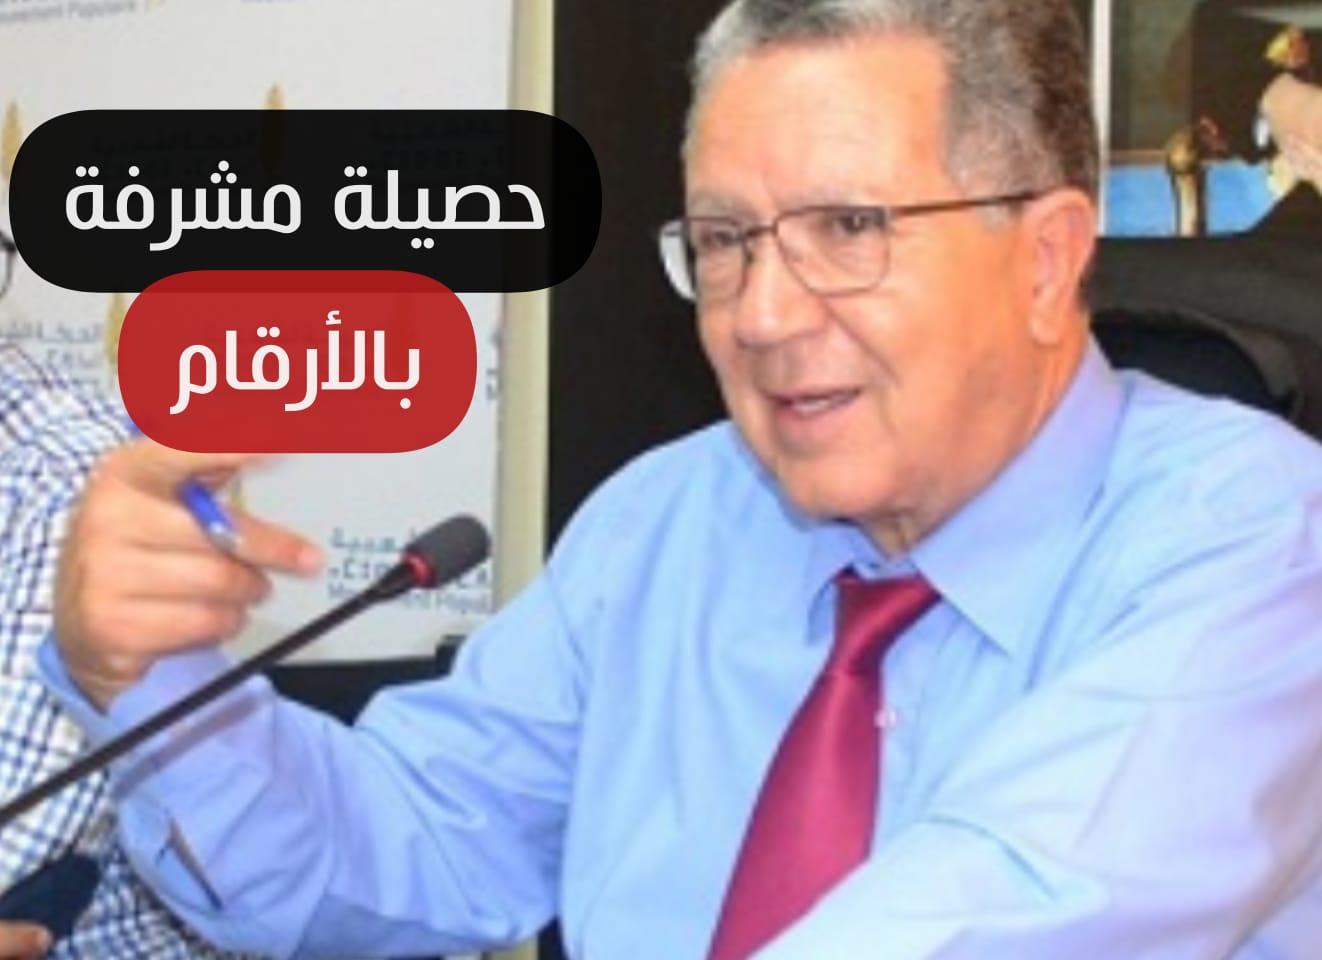 محمد الفاضيلي يبصم على حصيلة تنموية وازنة وينجز مشاريع واعدة لصالح ساكنة جماعة بن الطيب